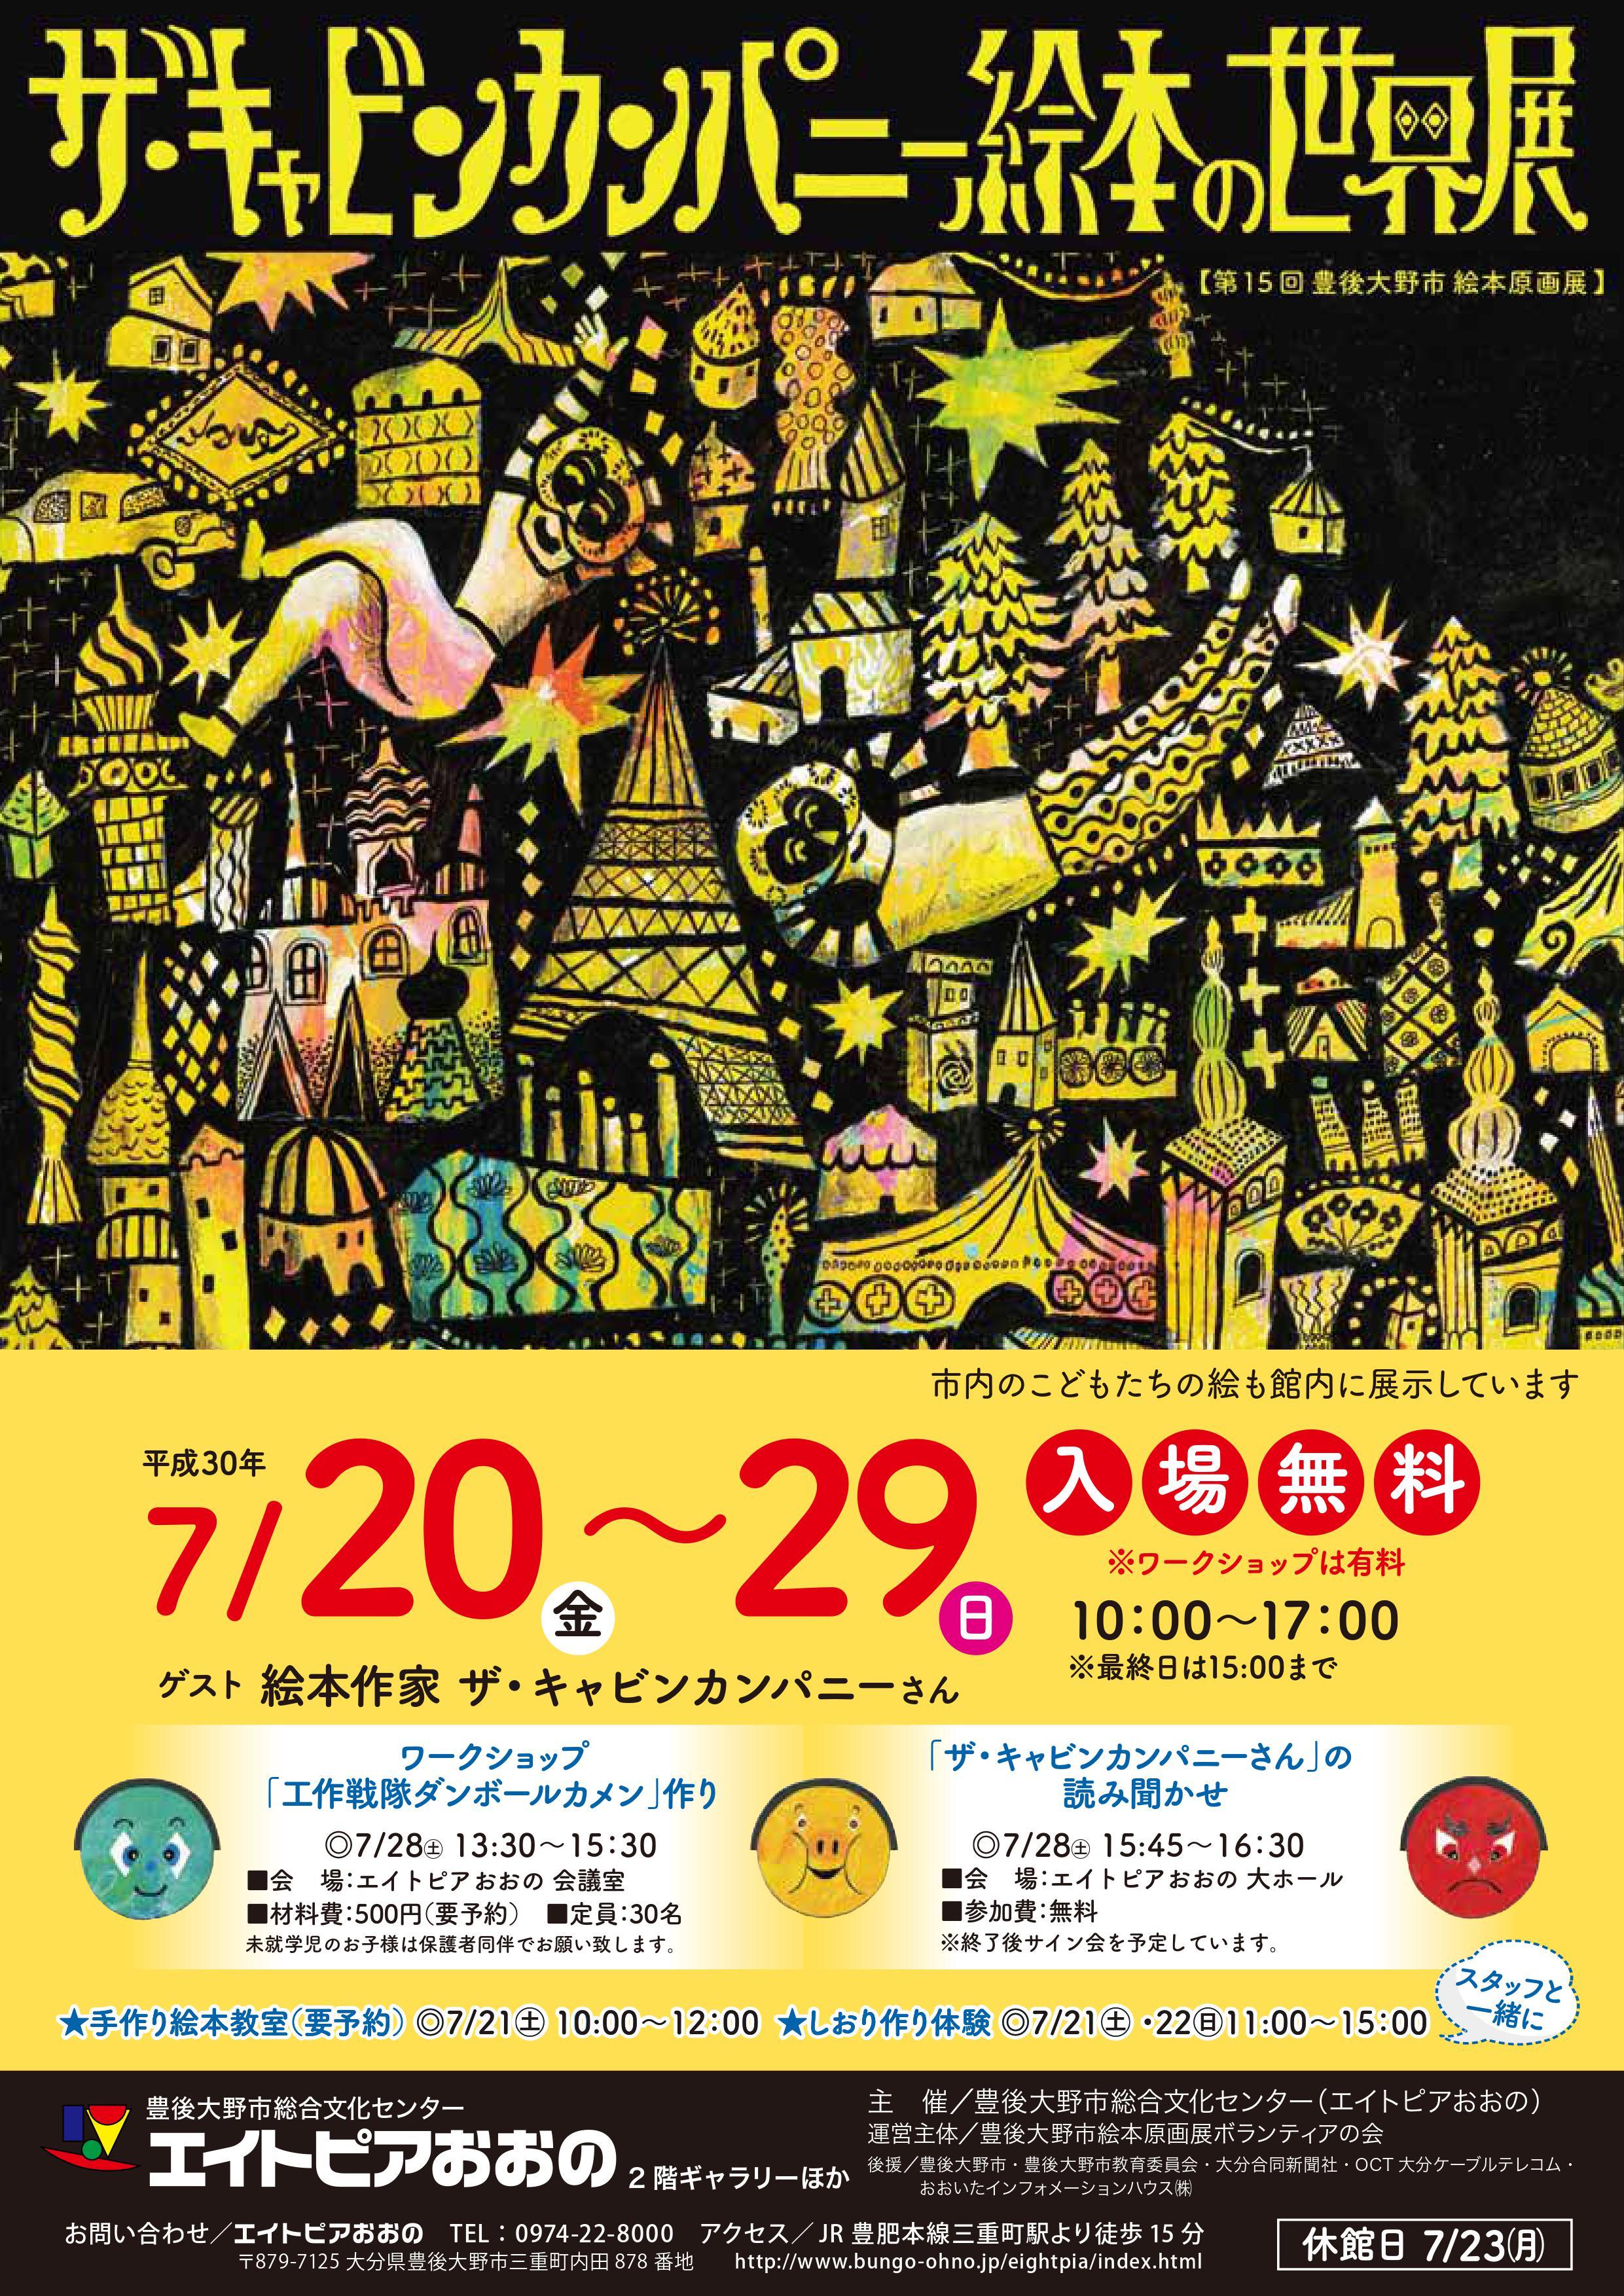 ザ・キャビンカンパニー 絵本の世界展 2